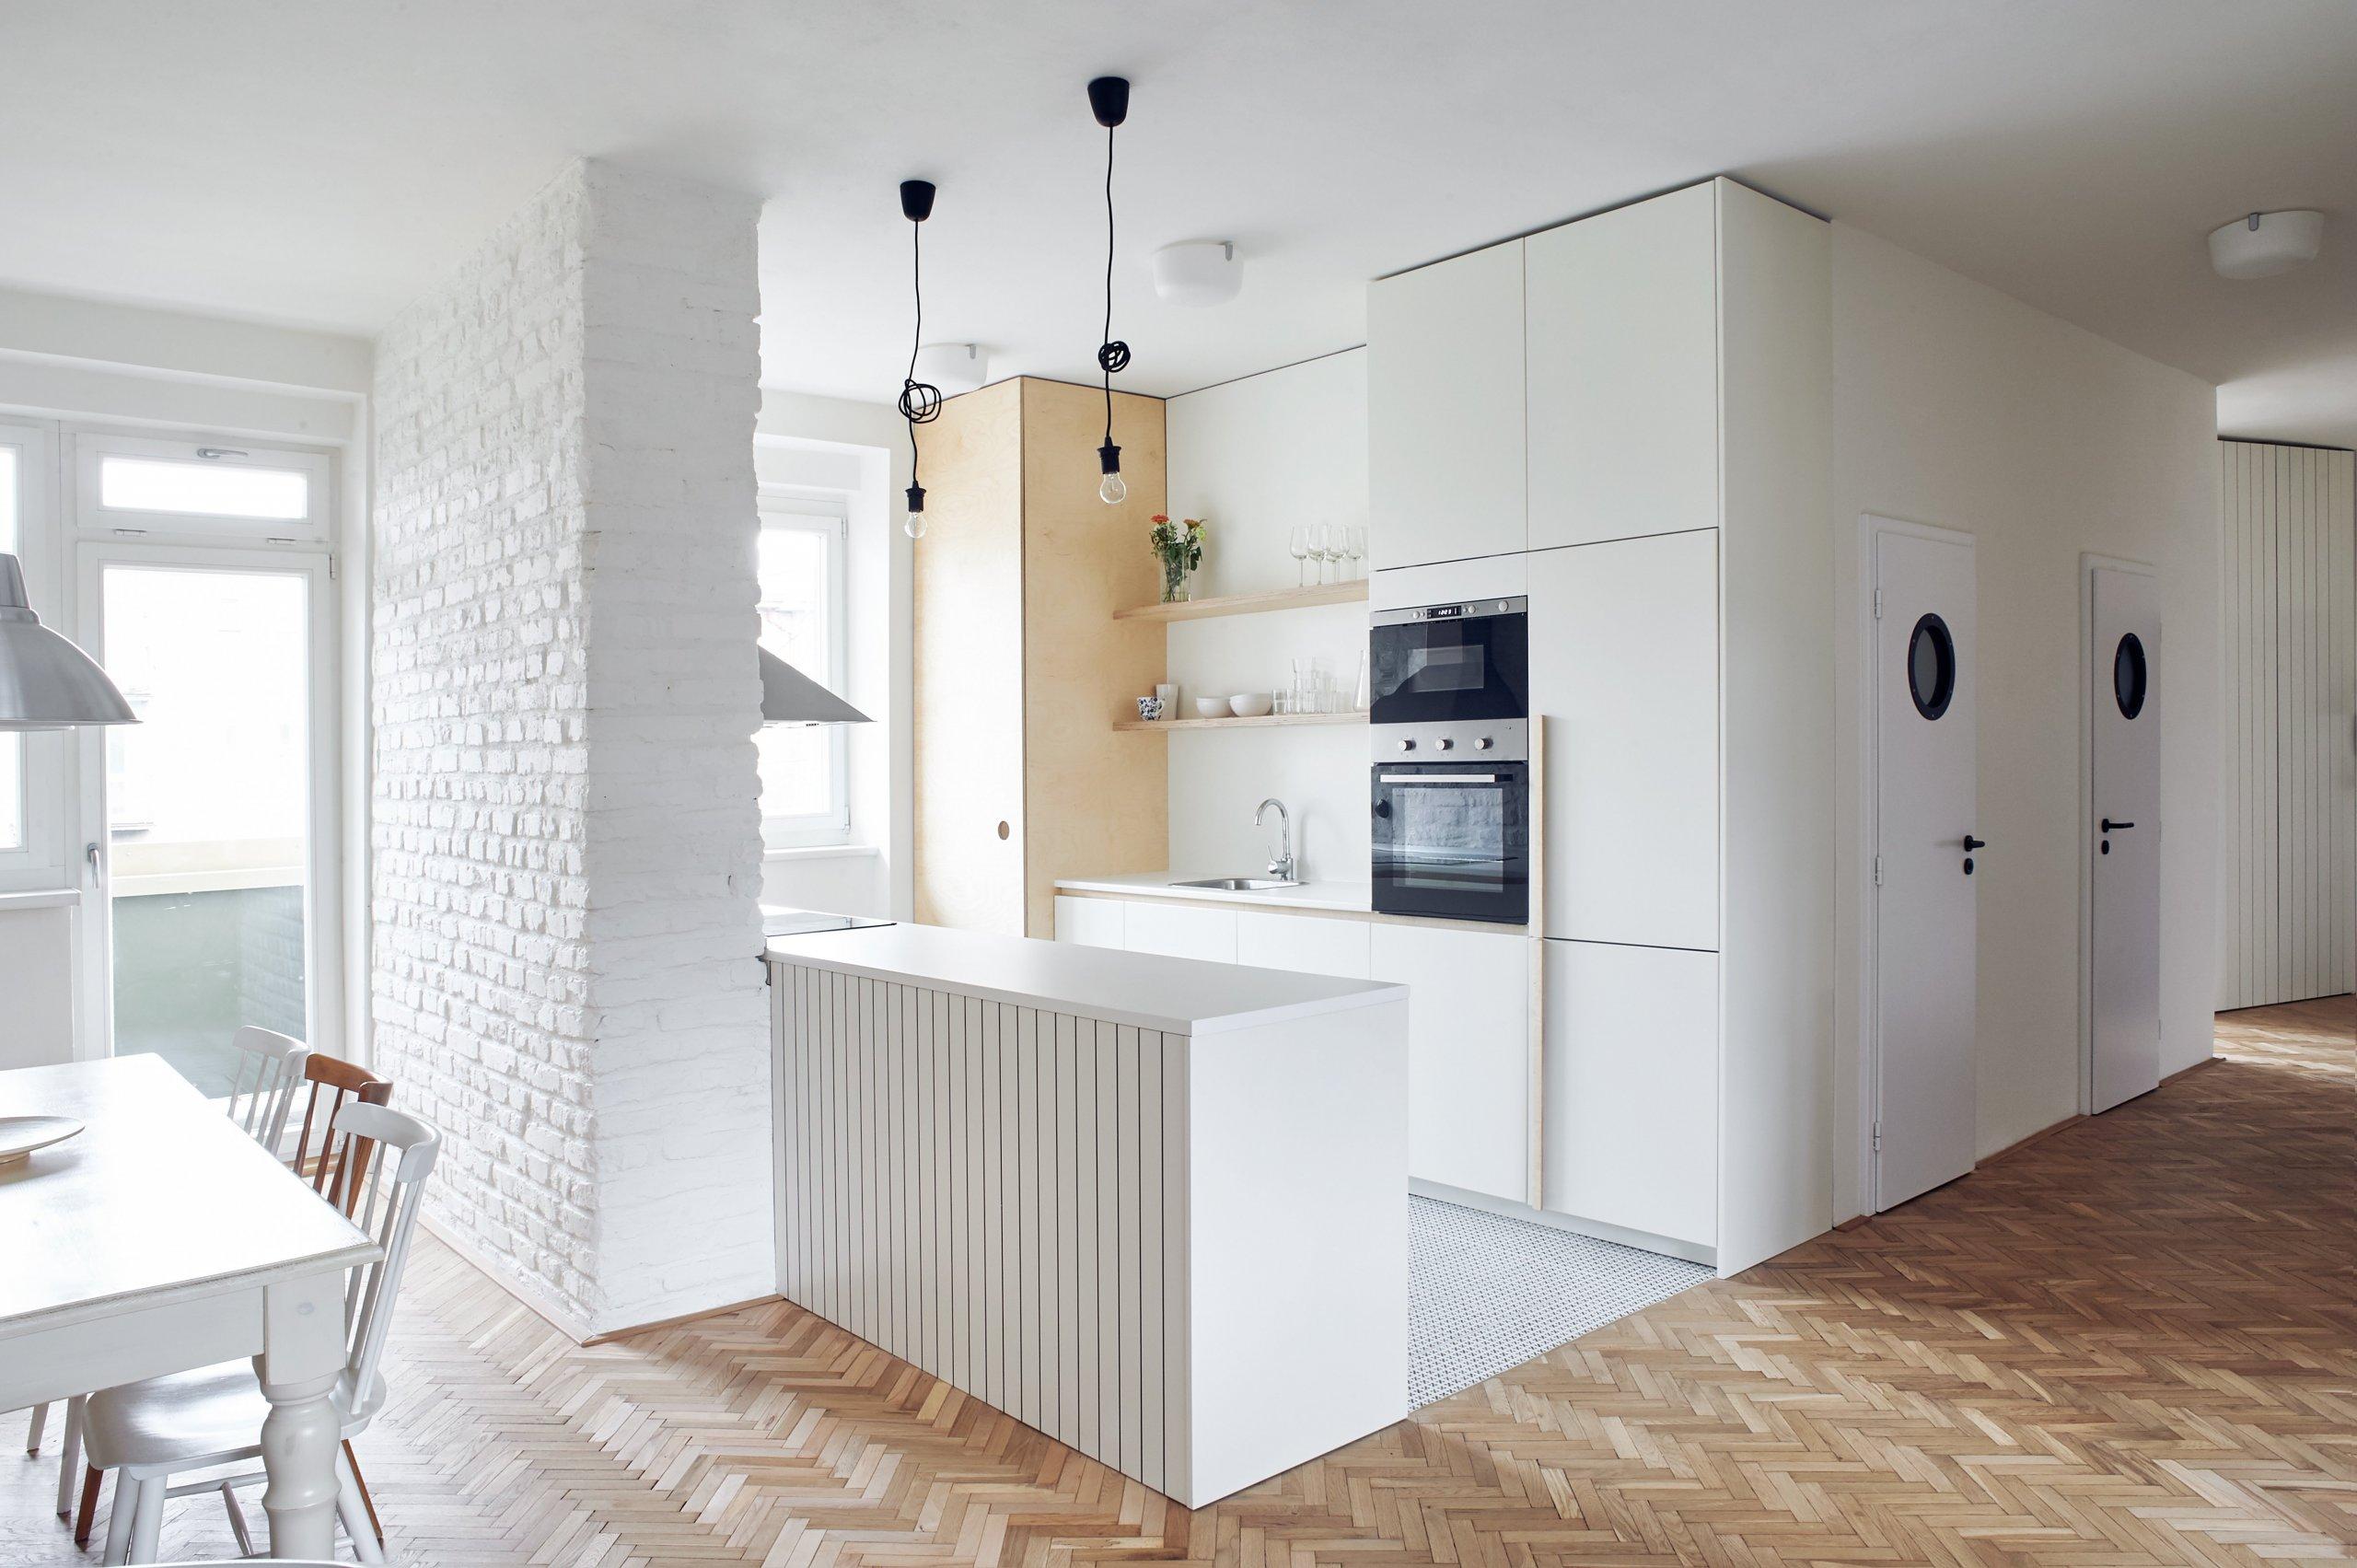 Původní dispozici bytu 5+1 jsme změnili na 4+KK. Kuchyni jsme propojili s jídelnou a obývacím pokojem. Zcela jsme změnili dispozici jádra, které je umístěno ve…